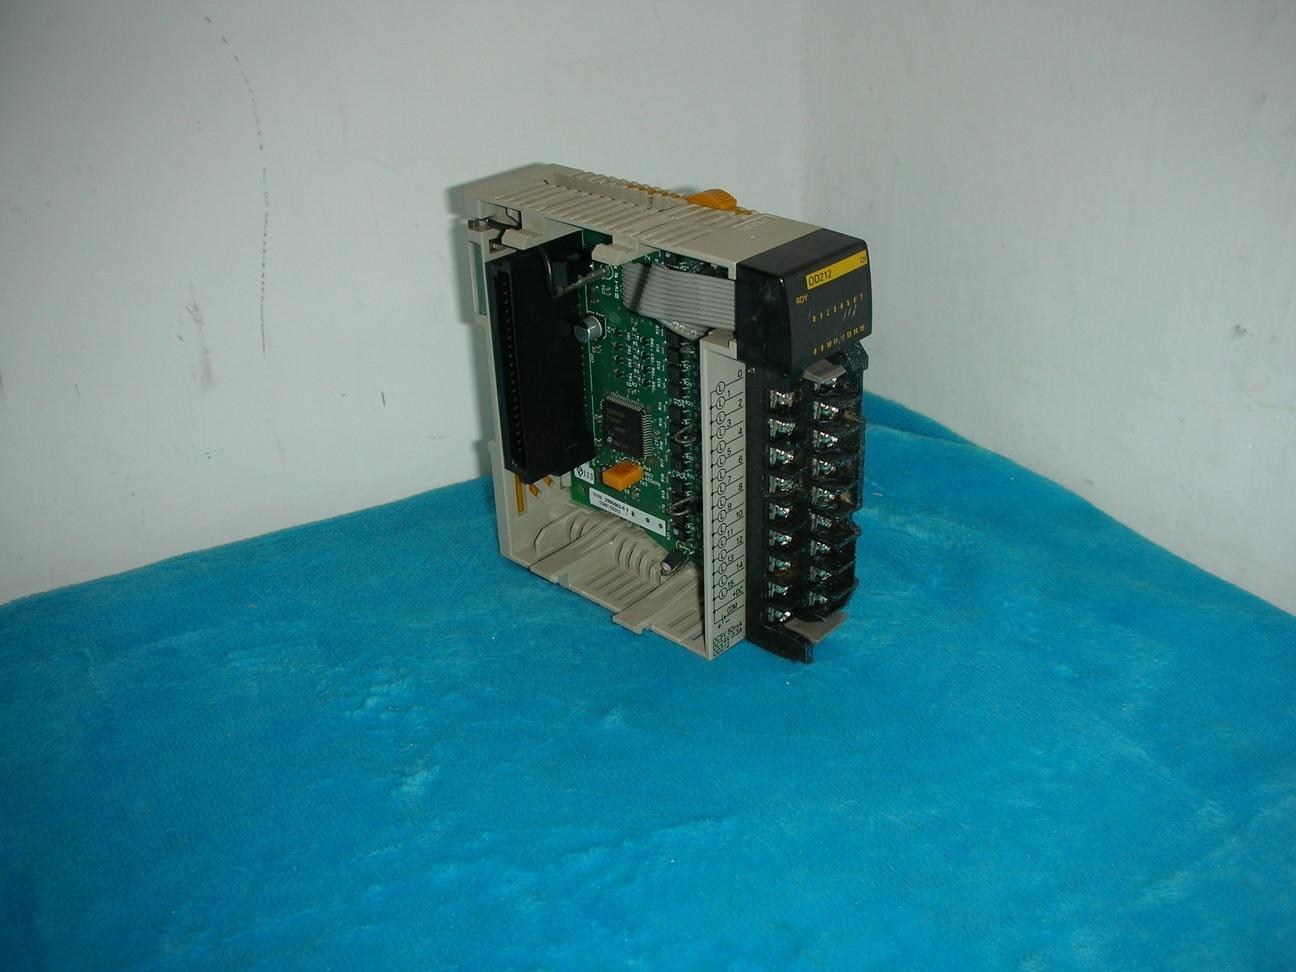 1PC USED Original OMRON CQM1-OD212 PLC dhl ems 1pc original for omron cj2h cpu64 eip